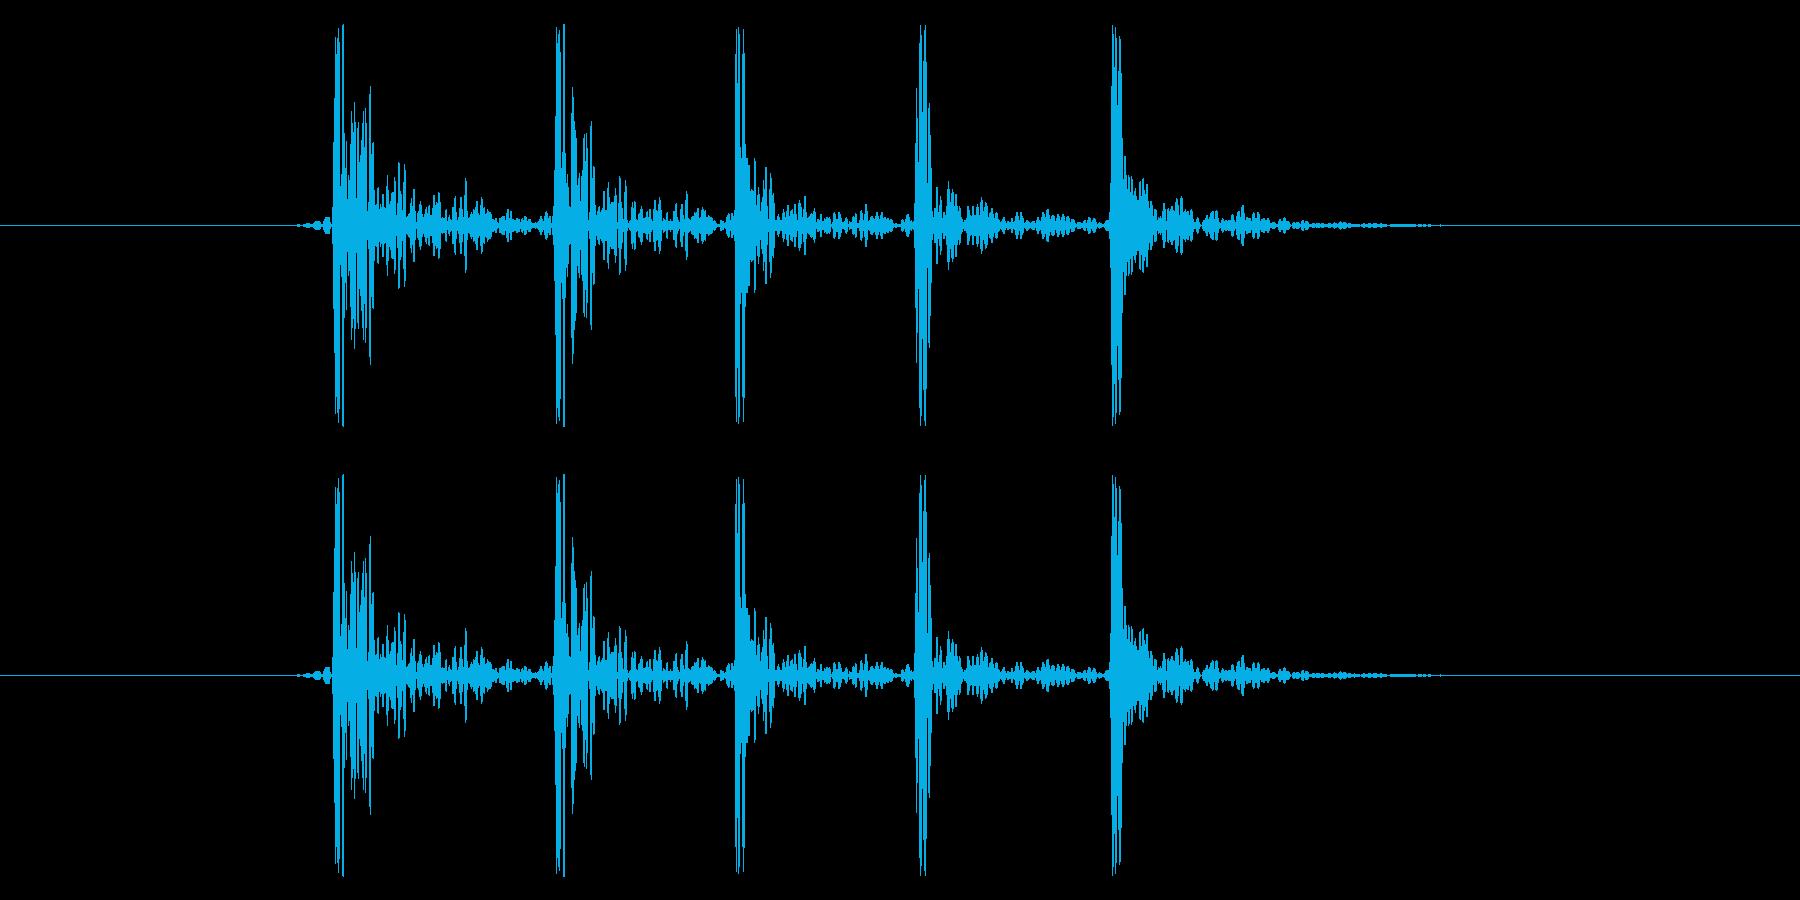 「コンコンコンコンコン!」ノックの音で…の再生済みの波形